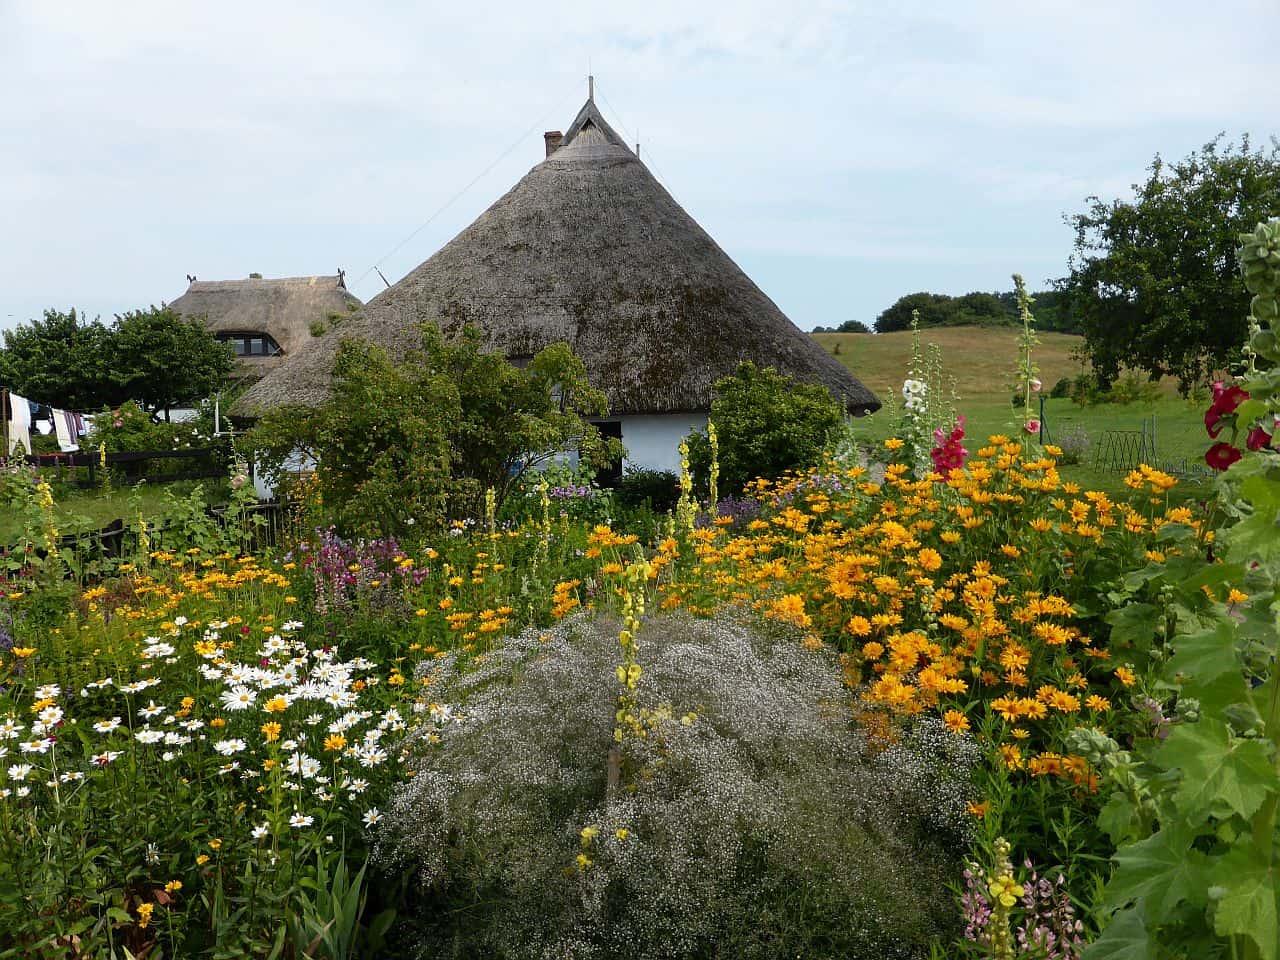 Blick in einen Bauerngarten